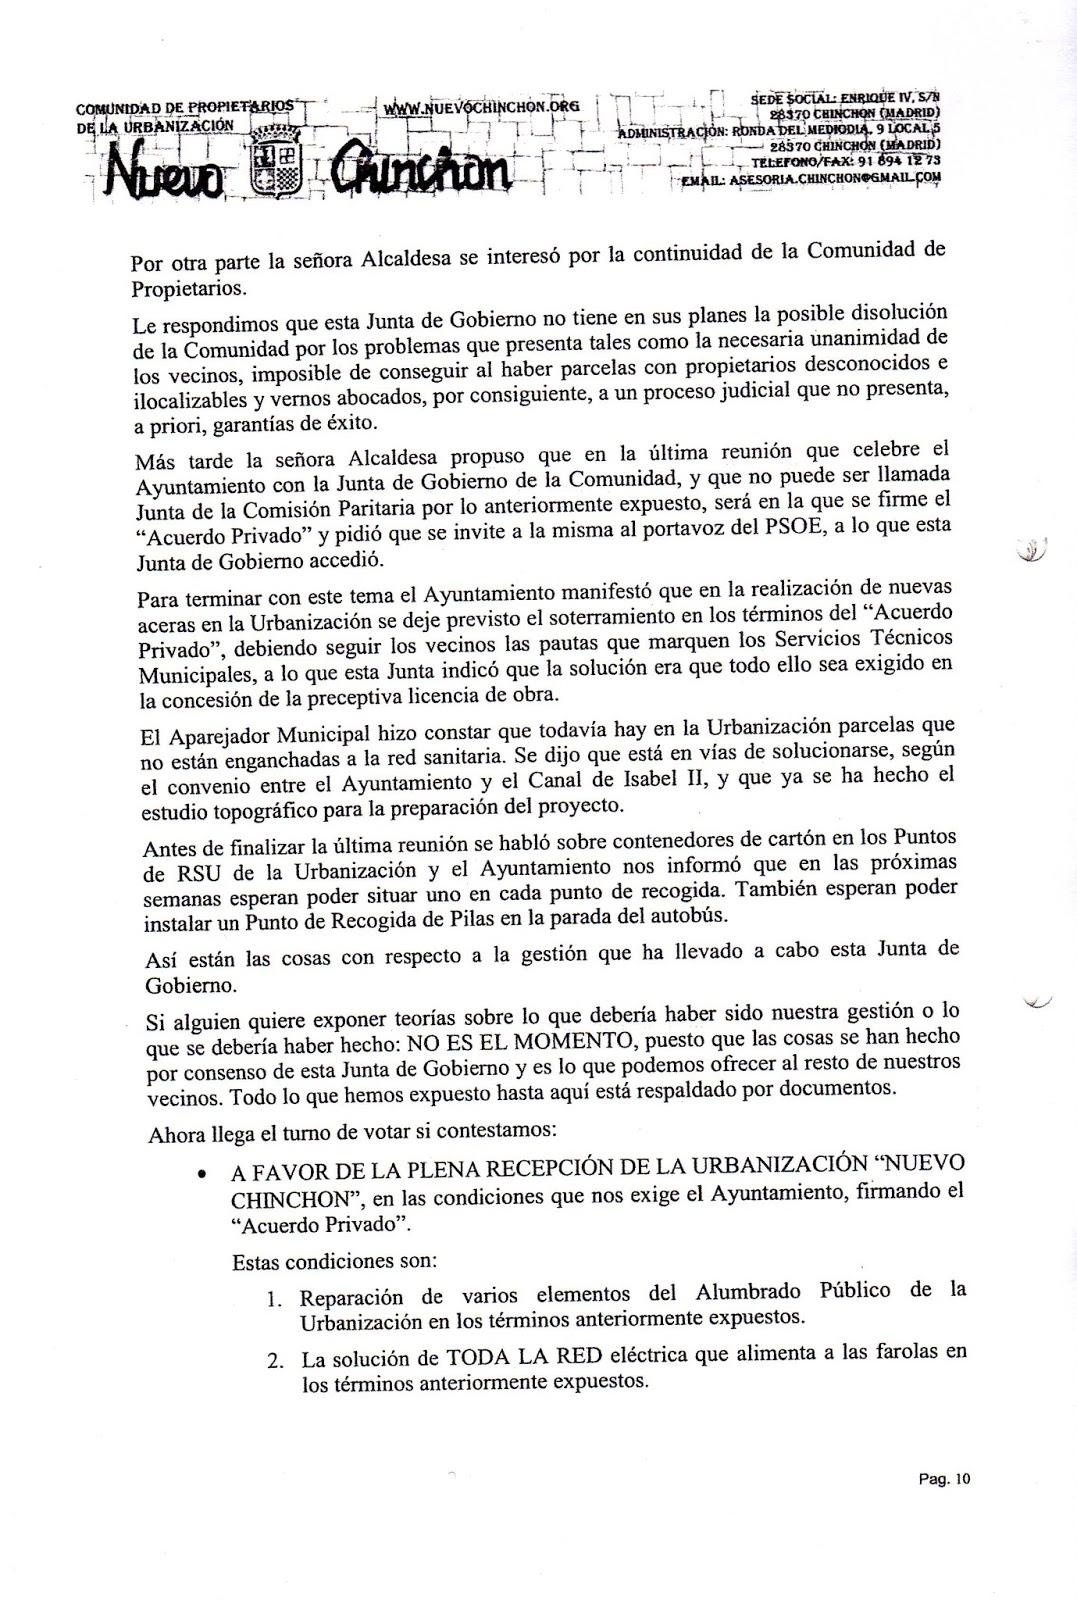 Nuevochinchon documentalia manejo de la informacion for Validez acuerdo privado clausula suelo